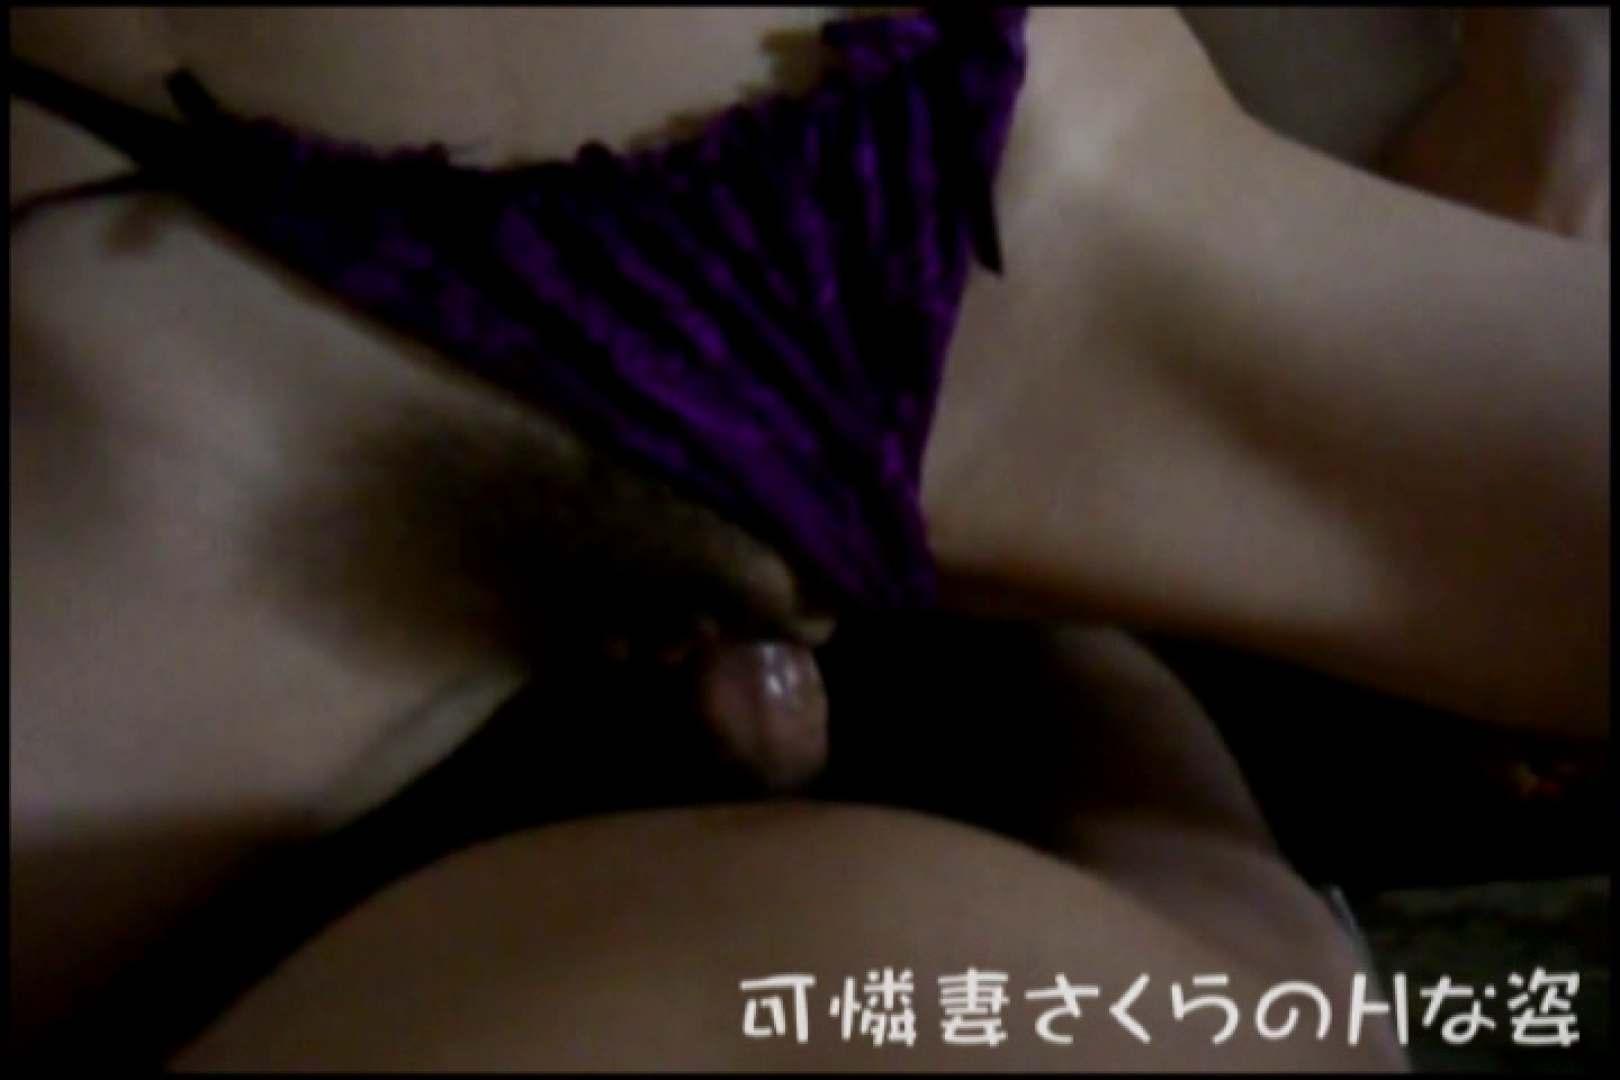 可憐妻さくらのHな姿vol.6 おっぱい  80pic 43